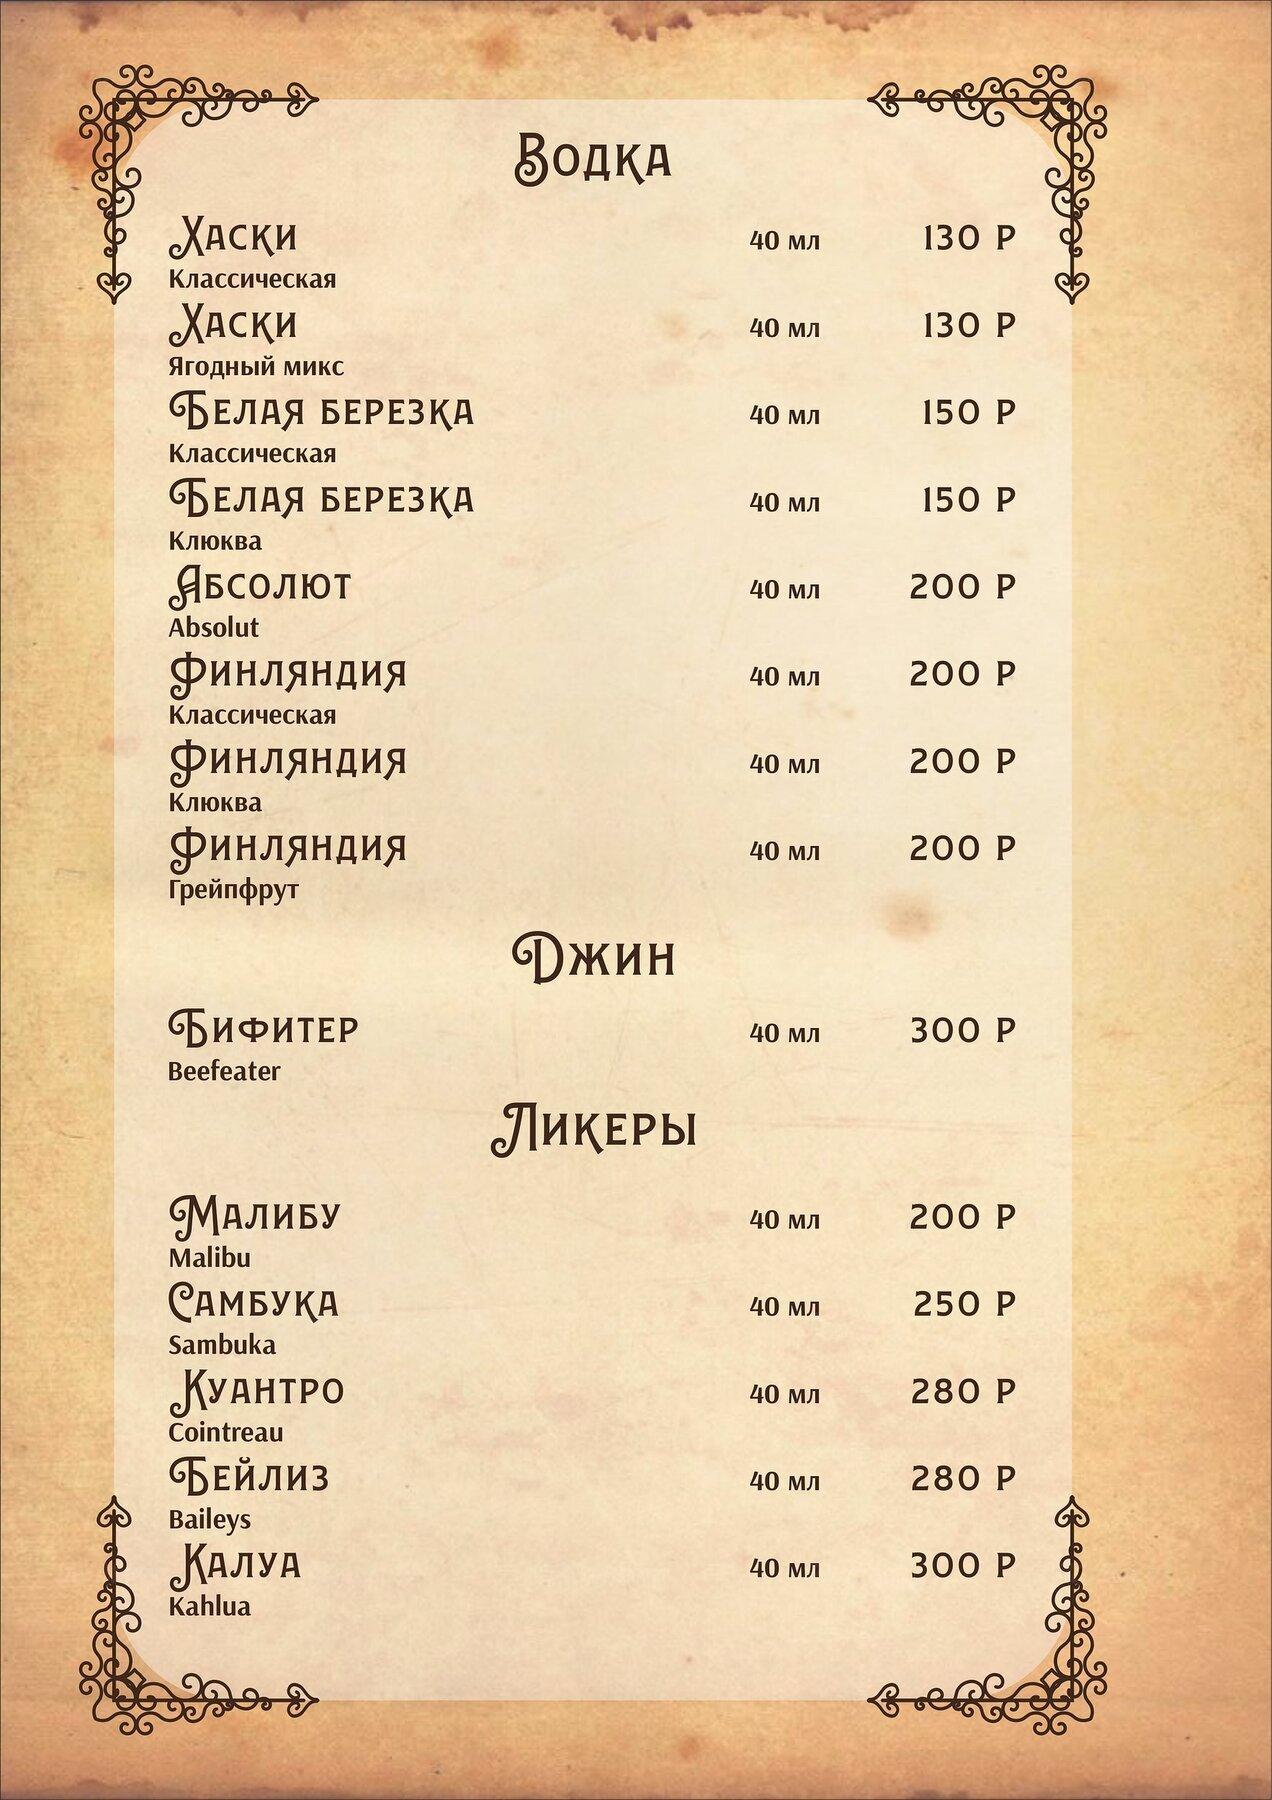 Меню кафе Грильяж на Октябрьской улице фото 22